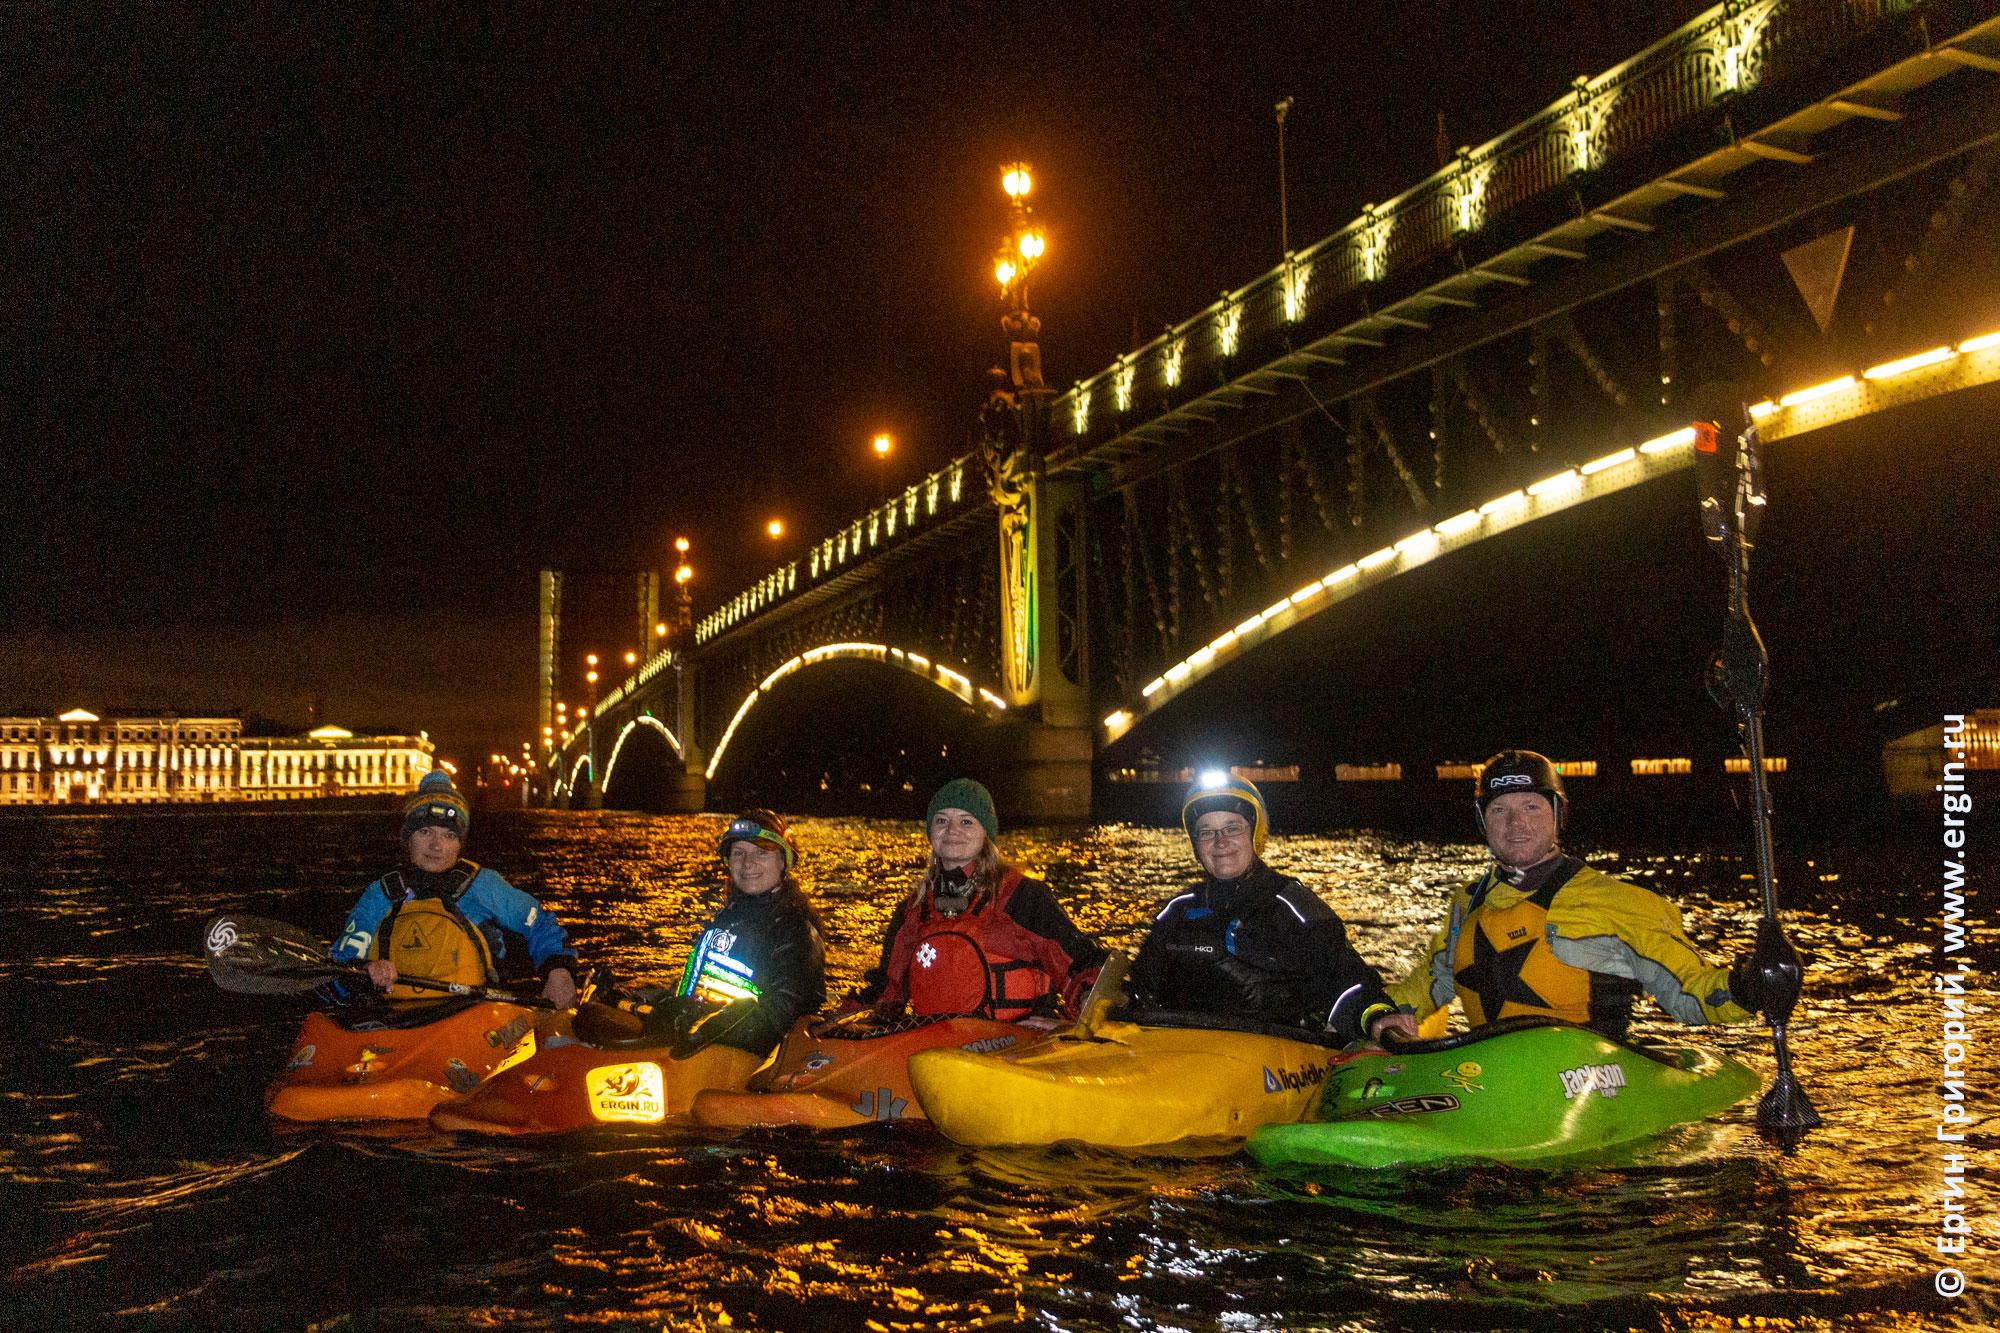 Санкт-Петербург каякинг на Неве под Троицким мостом